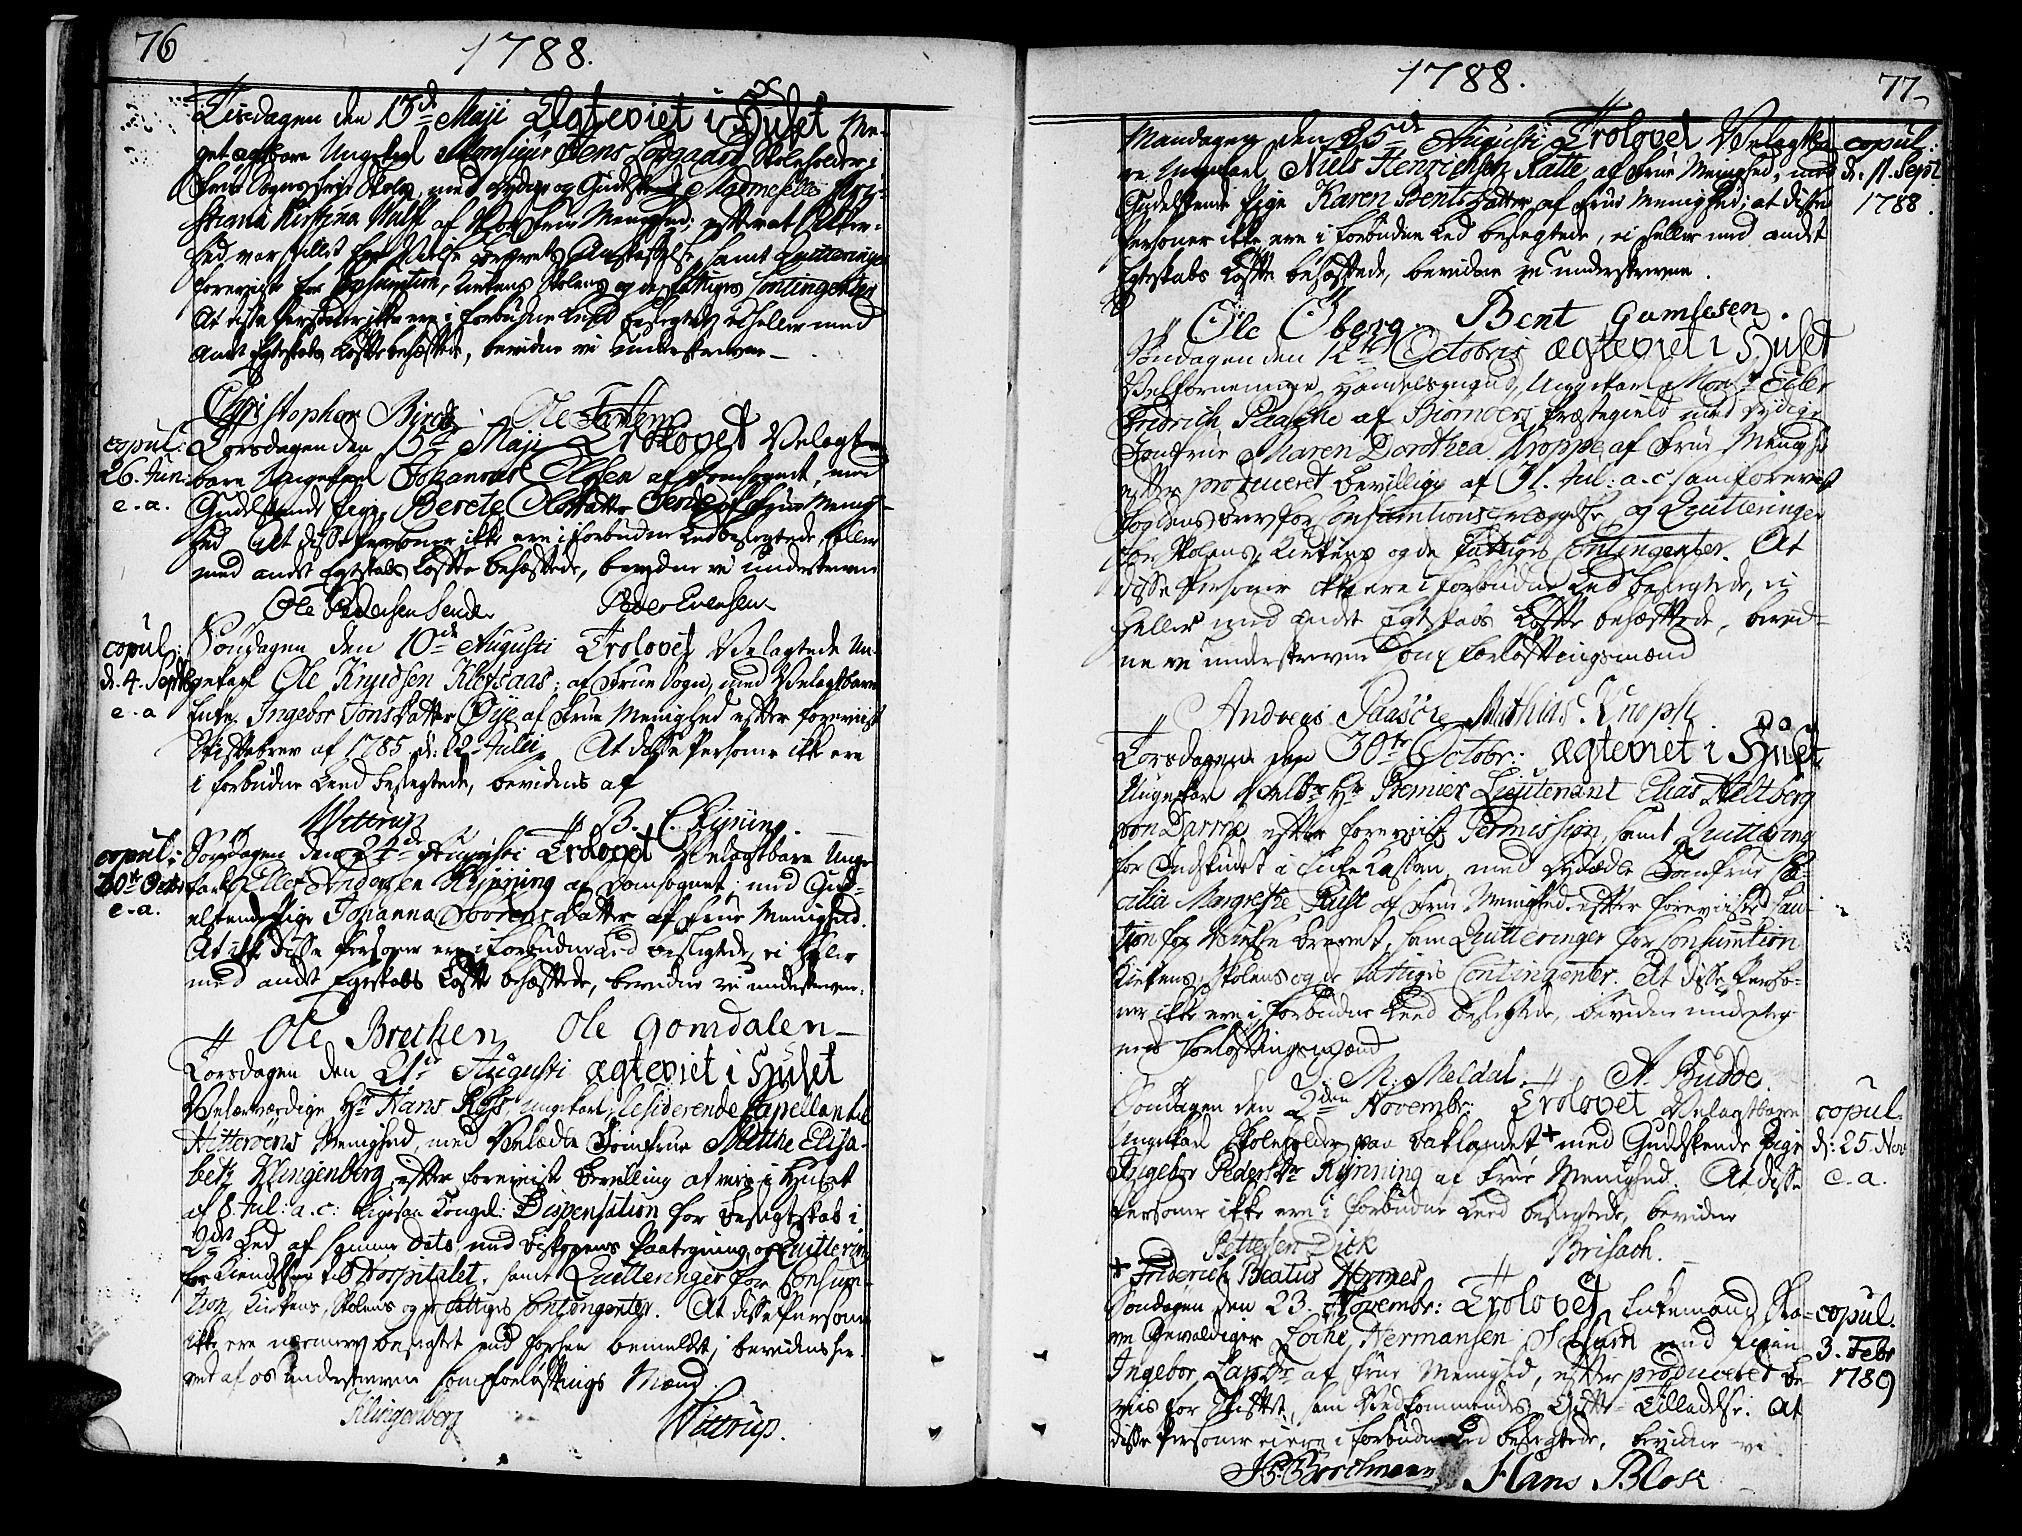 SAT, Ministerialprotokoller, klokkerbøker og fødselsregistre - Sør-Trøndelag, 602/L0105: Ministerialbok nr. 602A03, 1774-1814, s. 76-77